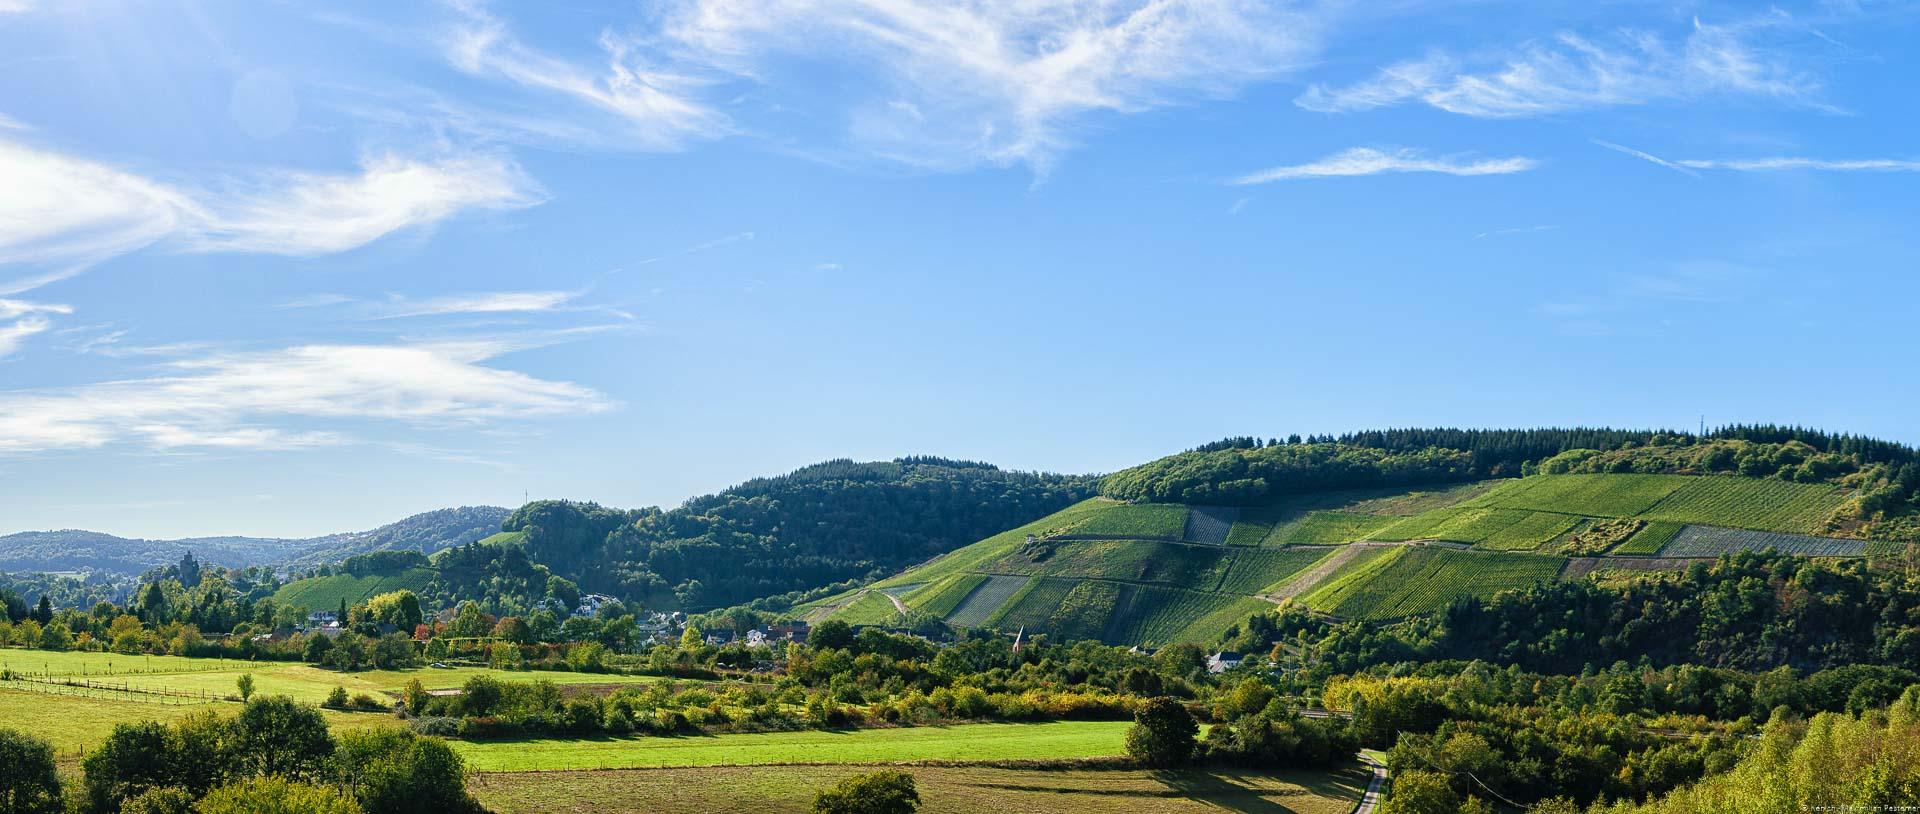 Wälder und Felder im Vordergrund dahinter Orte und Weinberge mit blauem Himmel